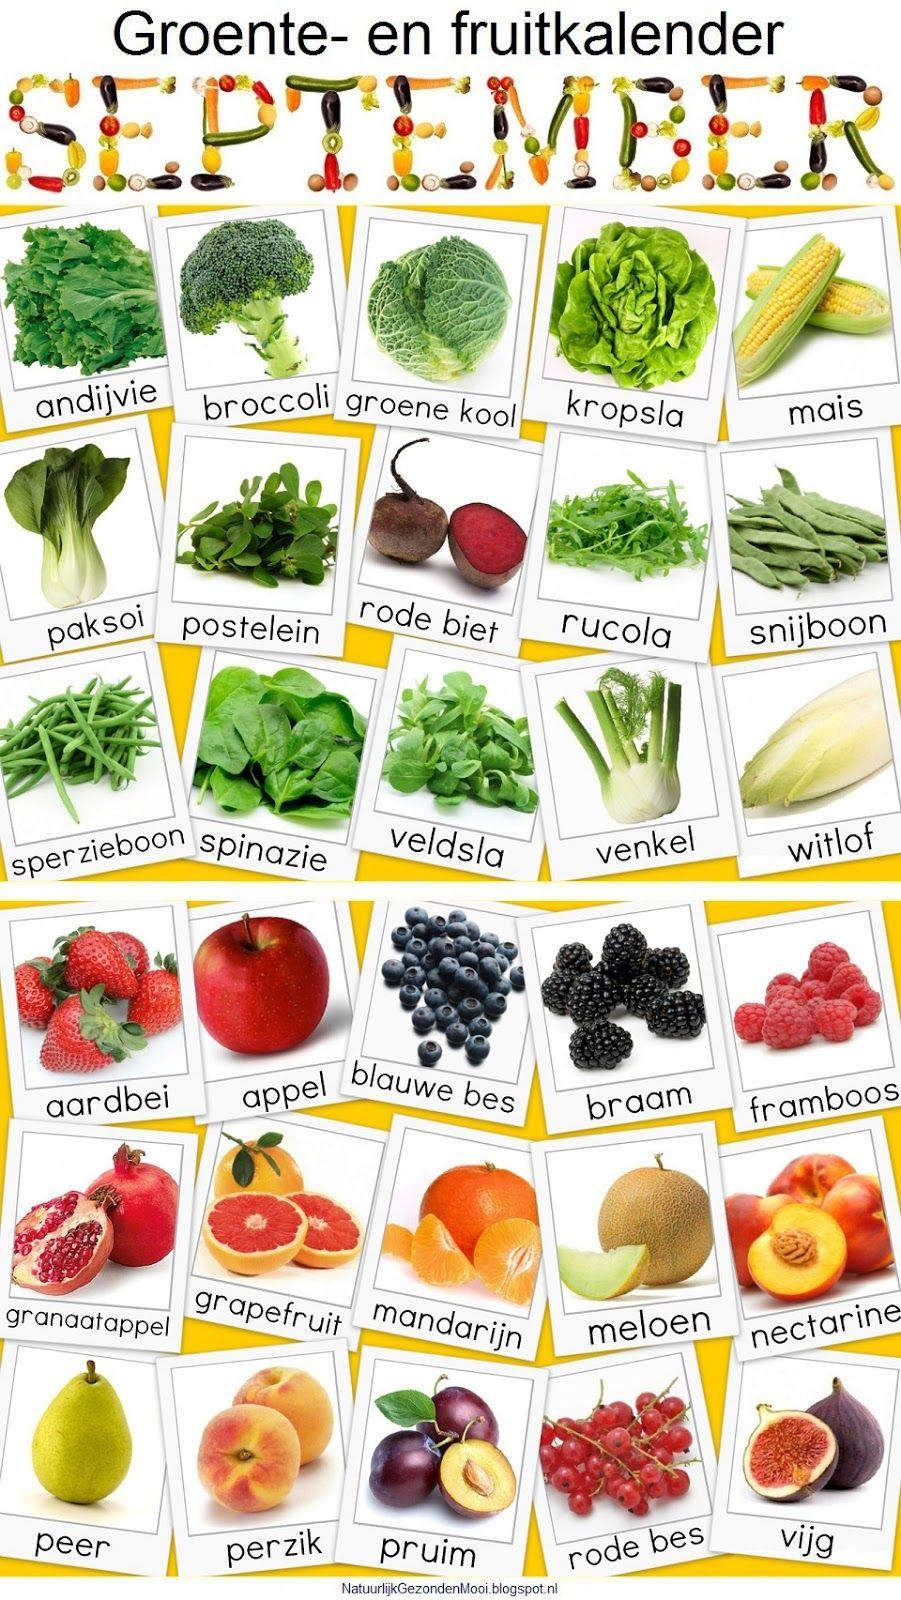 Bekend Natuurlijk Gezond en Mooi: Groente- en fruitkalender september &TT06